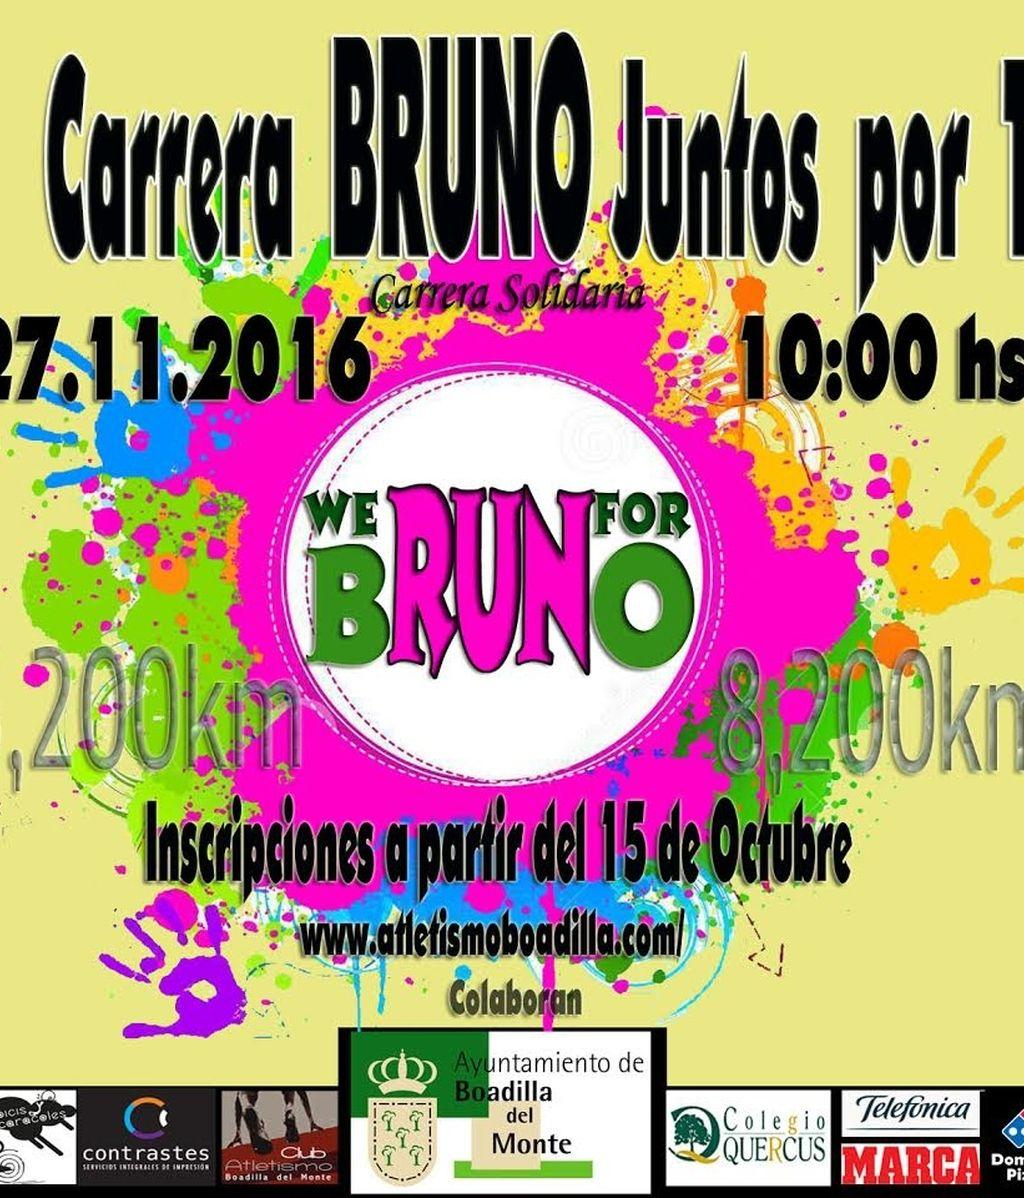 Bruno juntos por ti, carrera solidaria